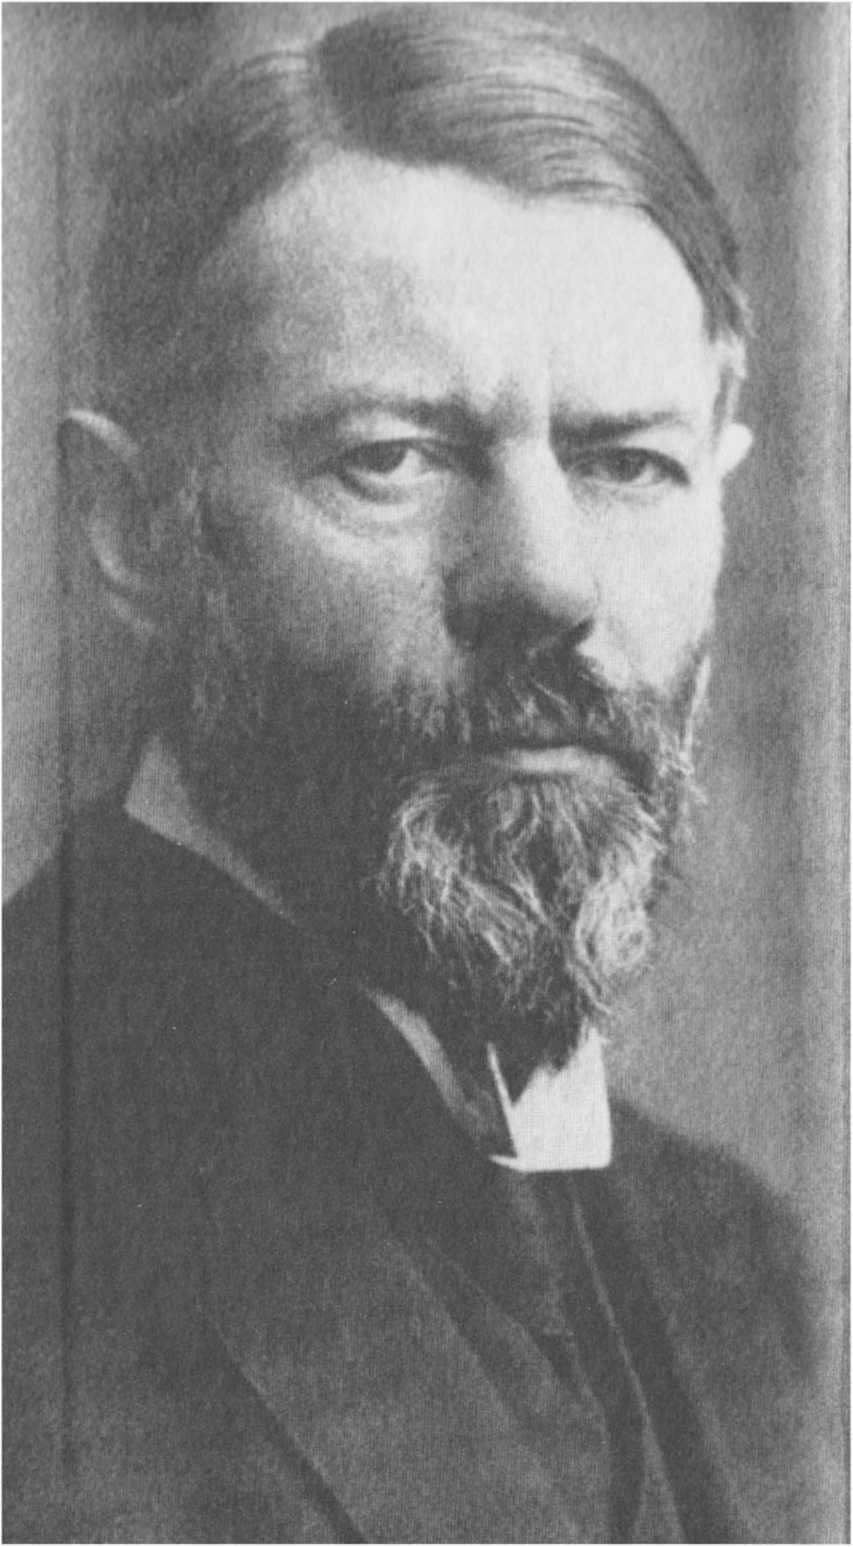 Ο Μαξ Βέμπερ γεννήθηκε στην Ερφούρτη της Γερμανίας στις 21 Απριλίου του 1864. Σπούδασε νομικά και έλαβε σε σχετικά μικρή ηλικία την έδρα του καθηγητή της Πολιτικής Οικονομίας στο Πανεπιστήμιο του Φράιμπουργκ.